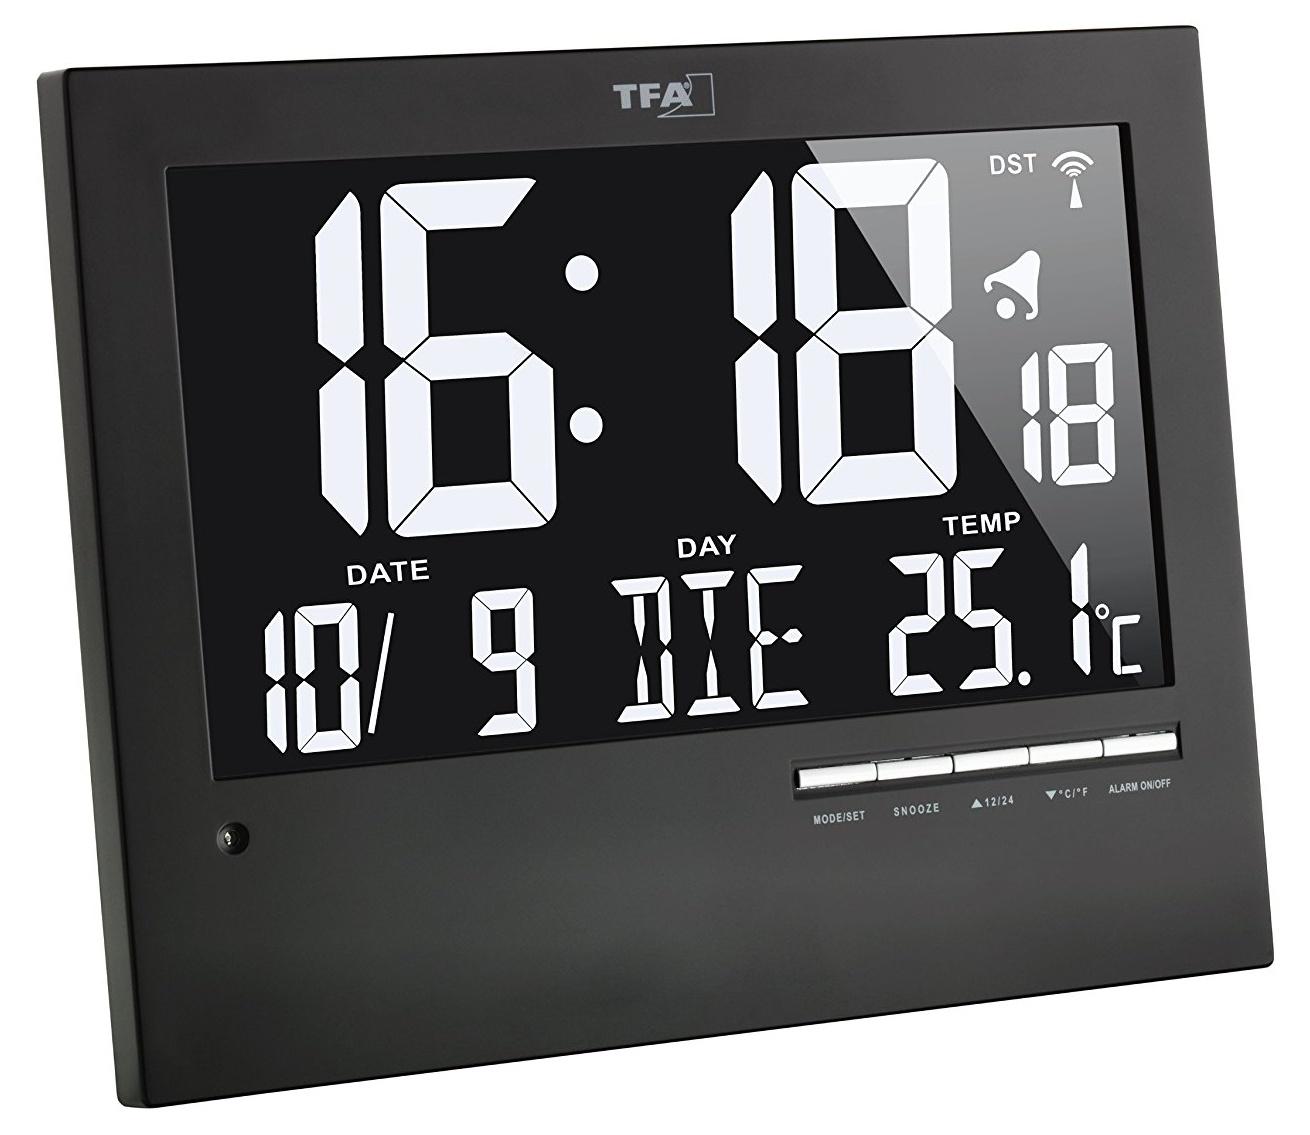 TFA Dostmann Inverzní nástěnné DCF hodiny s podsvícením TFA 60.4508, 185 x 230 x 31 mm, černá